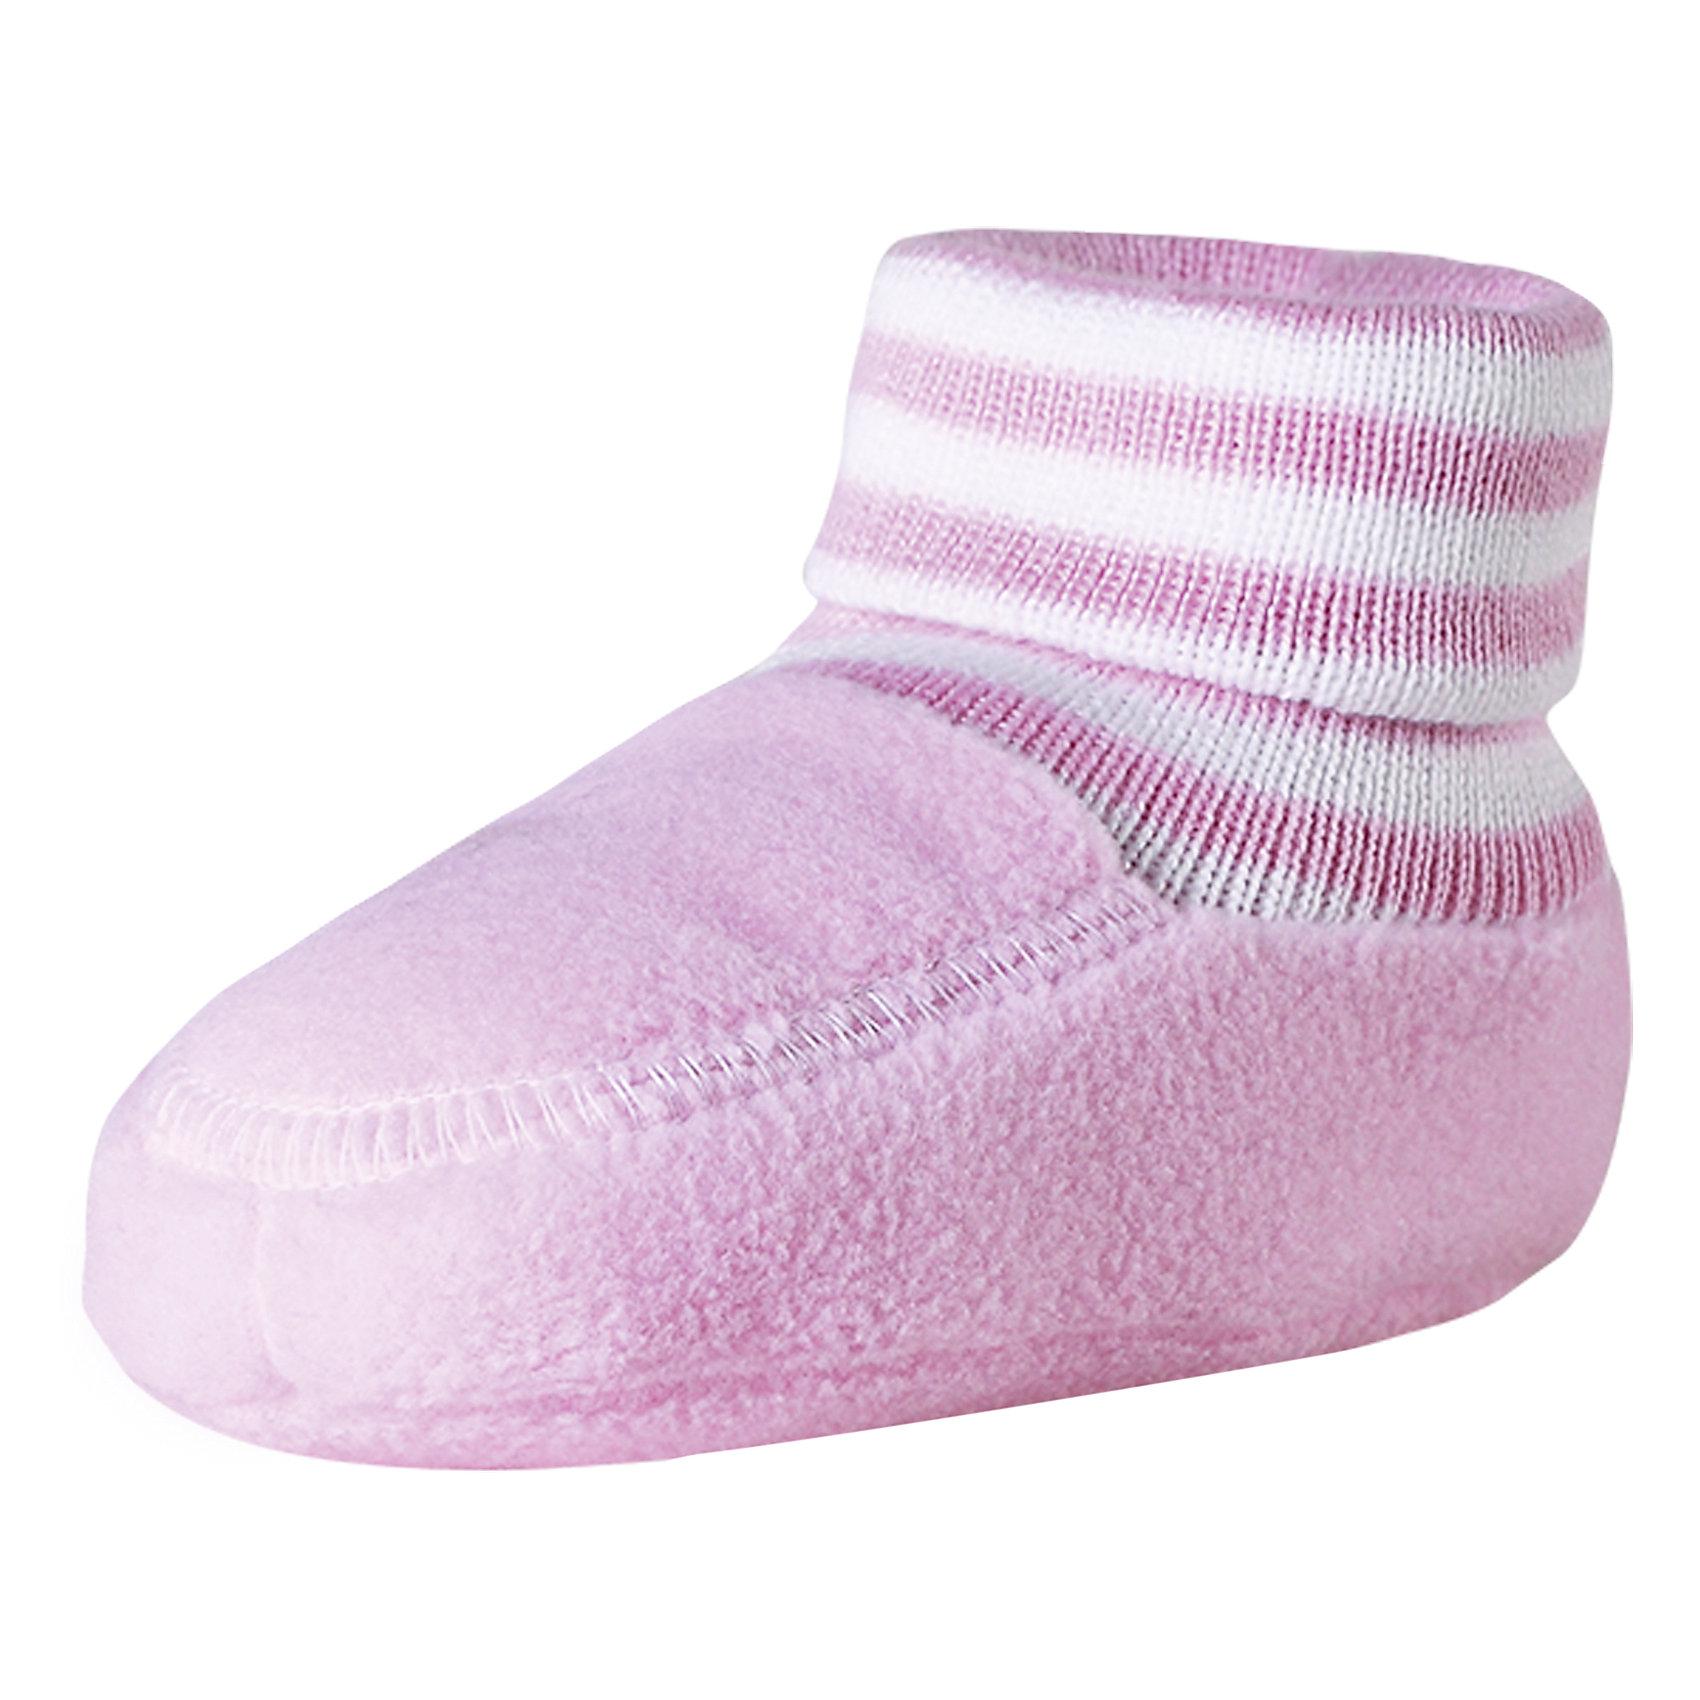 Пинетки Minute для девочки ReimaПинетки и царапки<br>Характеристики товара:<br><br>• цвет: розовый<br>• материал: поларфлис<br>• состав: 100% полиэстер<br>• теплый, легкий и быстросохнущий полярный флис<br>• эластичный хлопковый трикотаж<br>• основной материал сертифицирован Oeko-Tex, класс 1, одежда для малышей<br>• сплошная подкладка из хлопкового трикотажа<br>• декоративный логотип<br>• без утеплителя<br>• страна производства: Китай<br>• страна бренда: Финляндия<br>• коллекция: весна-лето 2017<br><br>Reima представляет пинетки для малышей. Они помогут обеспечить ребенку комфорт и удобство. Пинетки отлично смотрятся с различной одеждой. Изделия удобно сидят и модно выглядят, в их основе мягкий и теплый материал. Стильный дизайн разрабатывался специально для детей.<br><br>Одежда и обувь от финского бренда Reima пользуется популярностью во многих странах. Эти изделия стильные, качественные и удобные. Для производства продукции используются только безопасные, проверенные материалы и фурнитура. Порадуйте ребенка модными и красивыми вещами от Reima! <br><br>Пинетки для мальчика от финского бренда Reima (Рейма) можно купить в нашем интернет-магазине.<br><br>Ширина мм: 152<br>Глубина мм: 126<br>Высота мм: 93<br>Вес г: 242<br>Цвет: розовый<br>Возраст от месяцев: 0<br>Возраст до месяцев: 12<br>Пол: Женский<br>Возраст: Детский<br>Размер: 0,1<br>SKU: 5271175